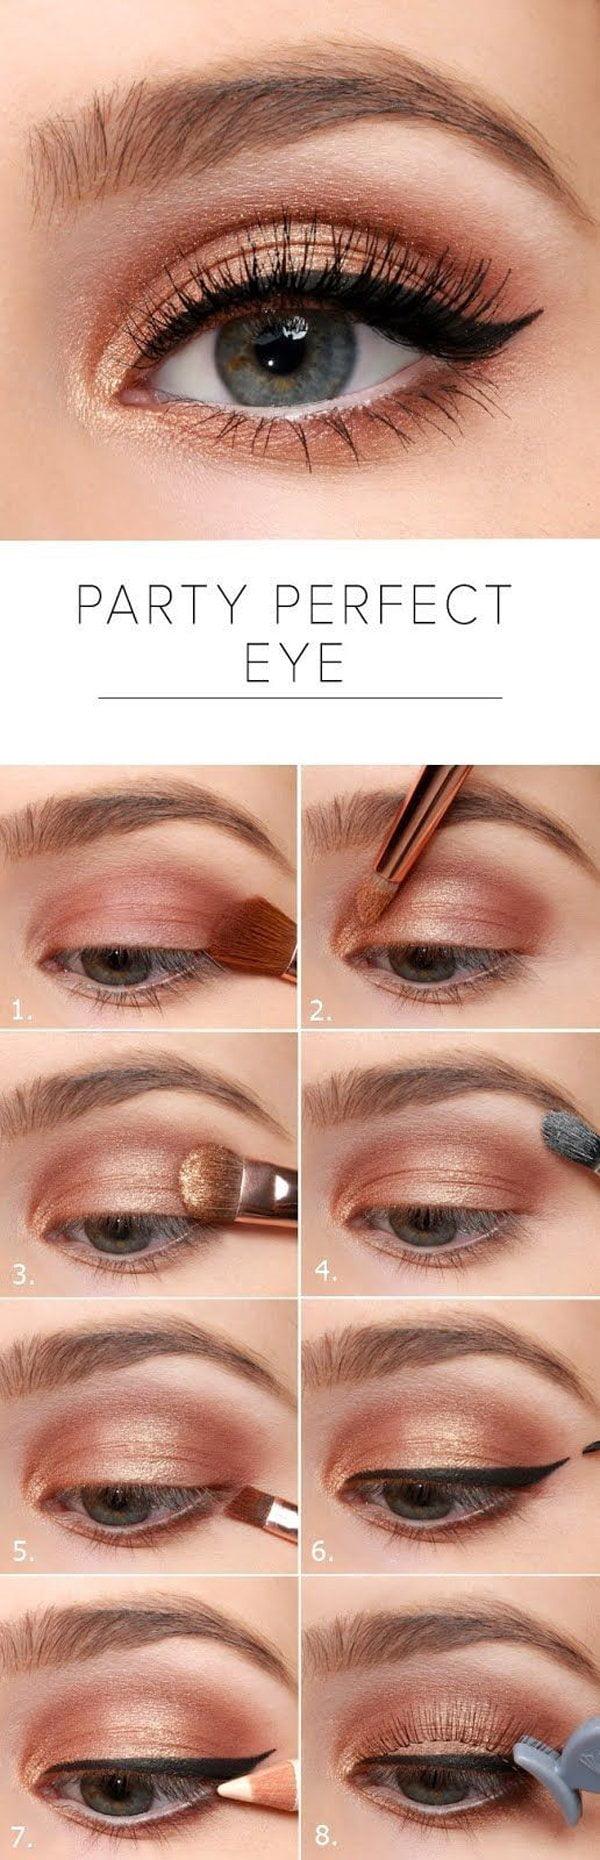 Die besten Augen Make-Up-Tutorials auf Pinterest: Party Perfect Eye (Copyright: Lulus.com)